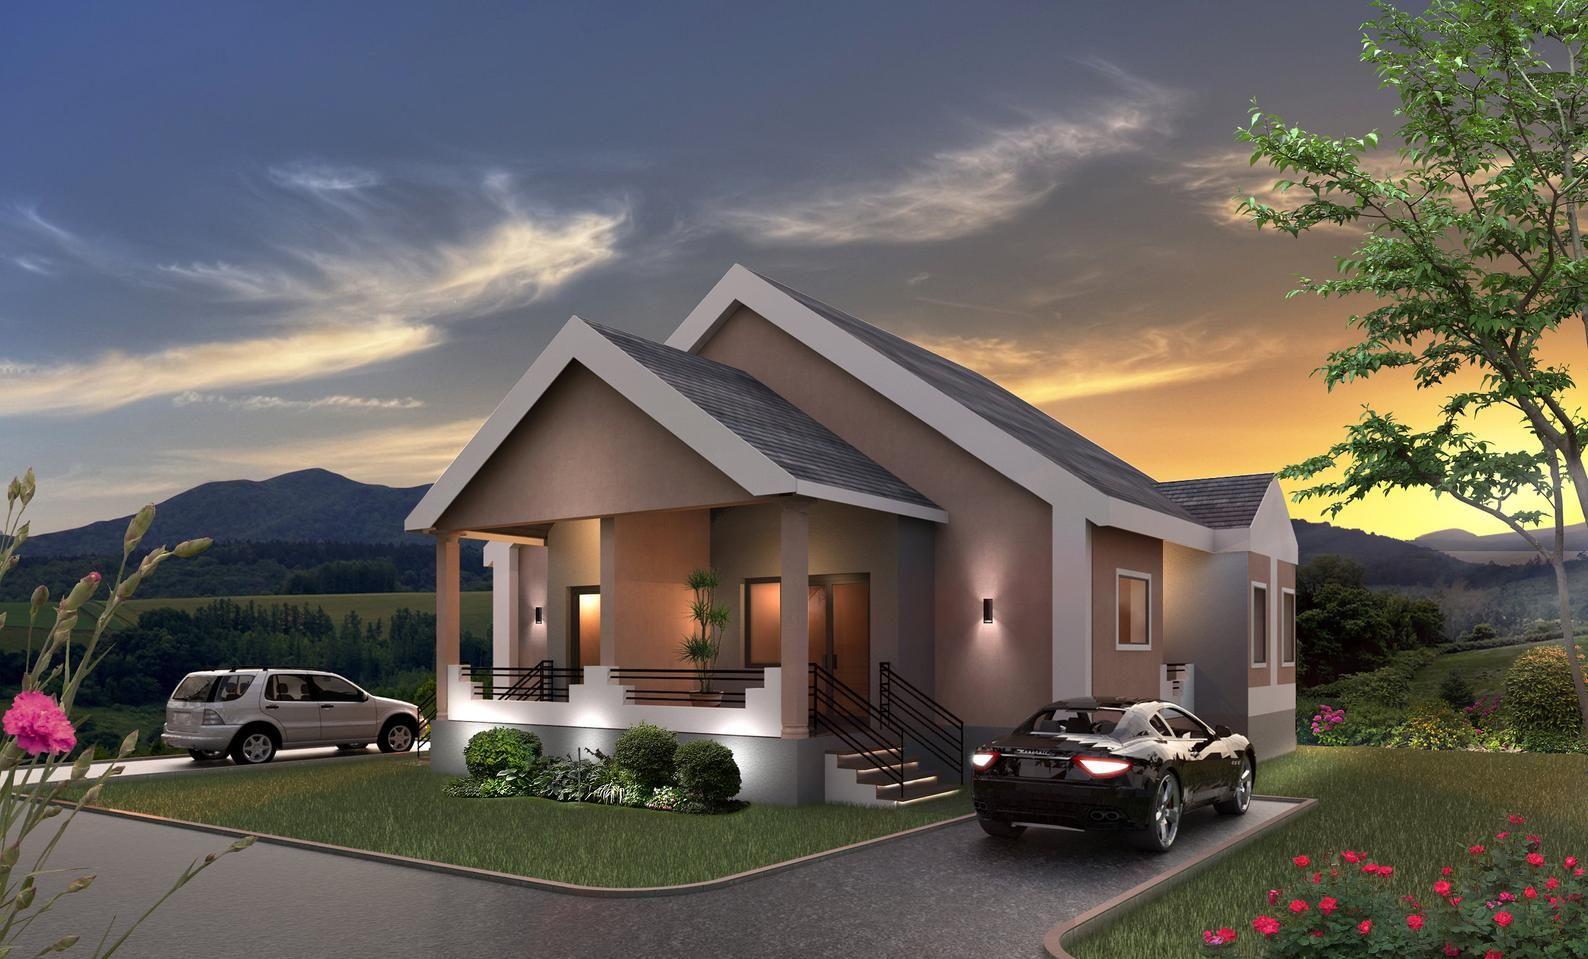 Oak Lawn Family Duplex Floor Plan Source File Instant Etsy In 2021 Duplex Floor Plans Duplex House Plans Duplex House Design